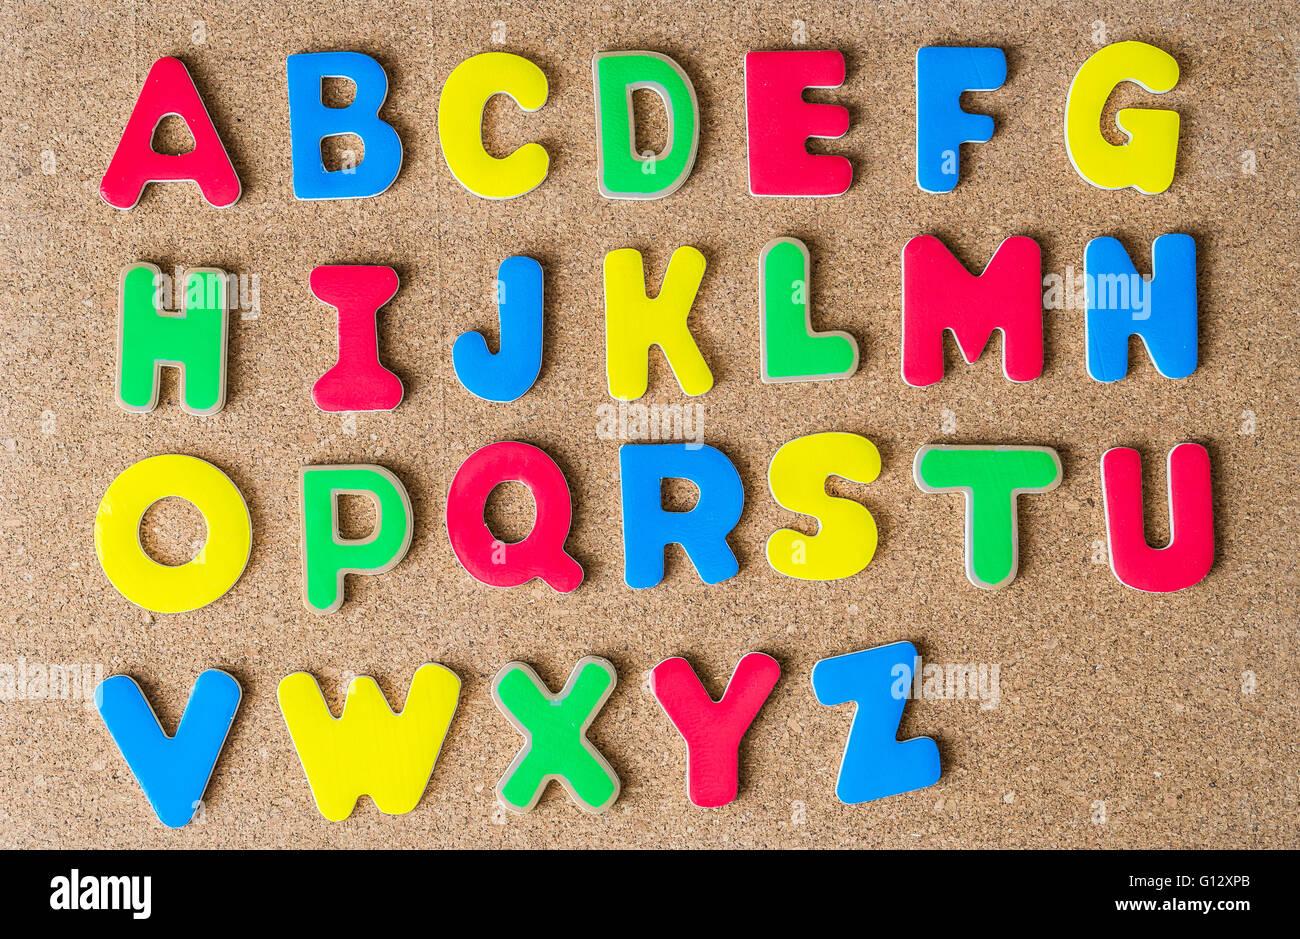 Lettere Di Legno Colorate : In legno colorato lettera capitale alfabeto sulla bacheca di sughero